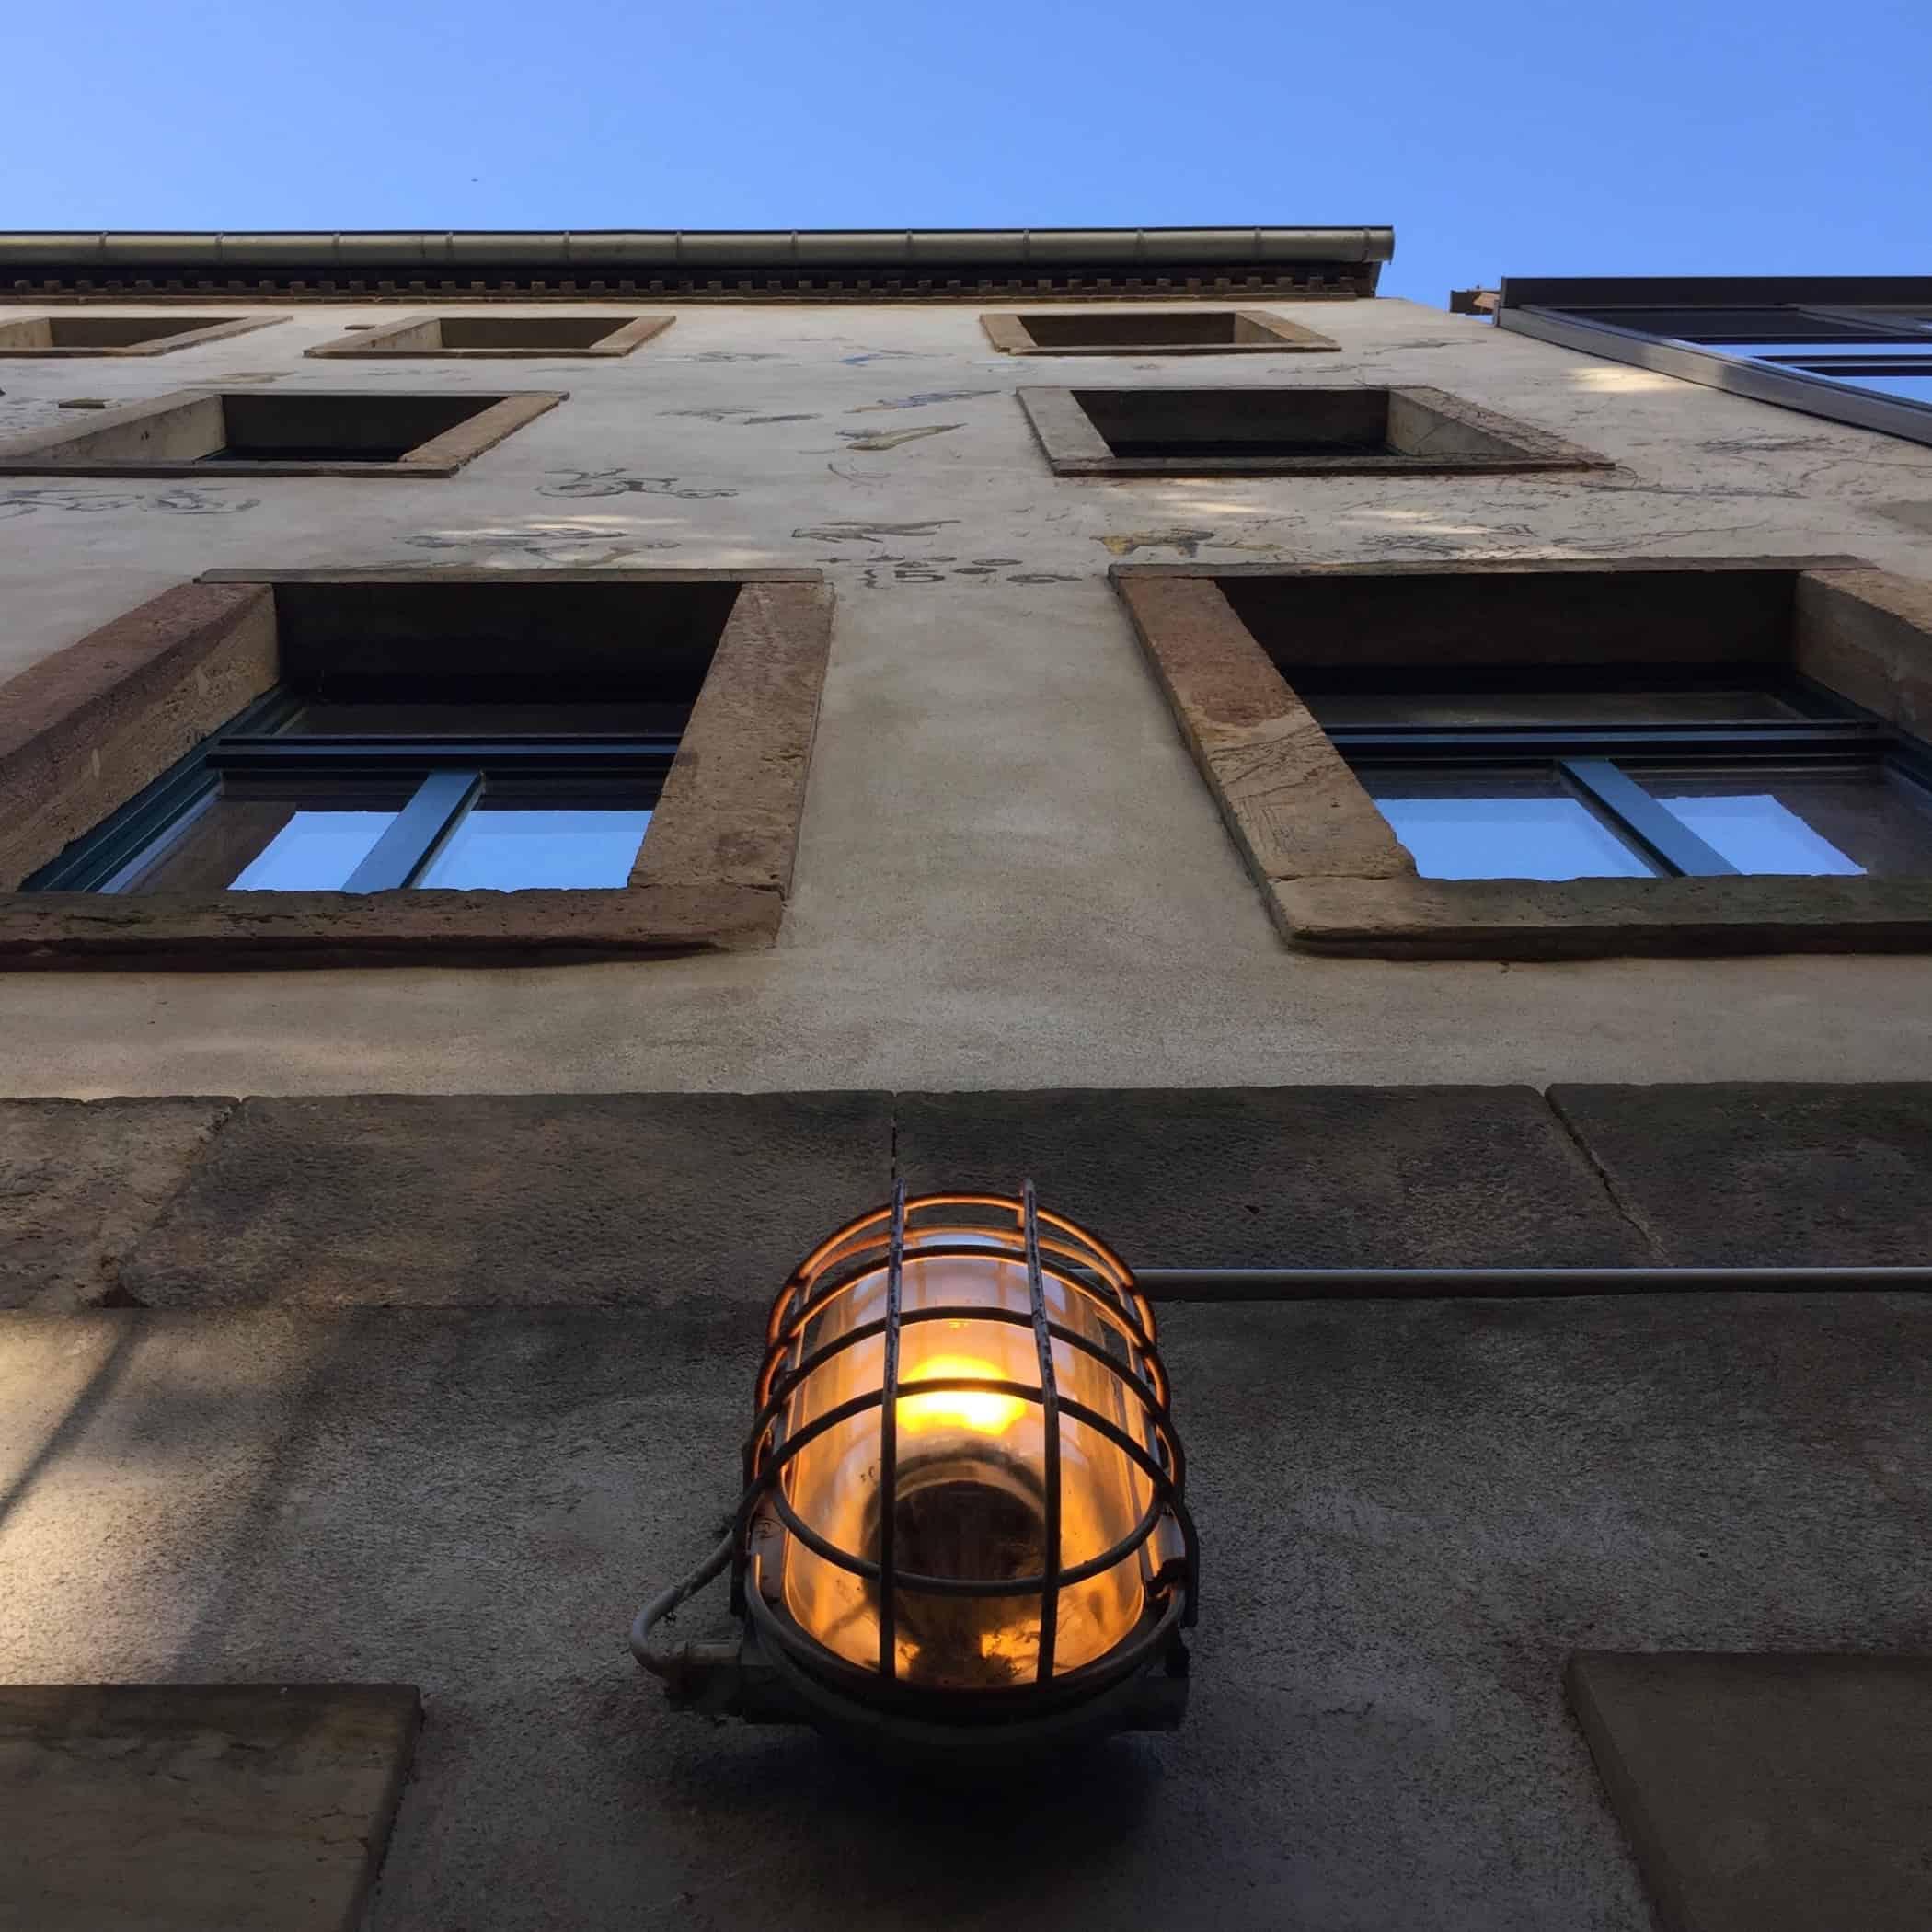 Eine Hauswand mit Licht steht dafür, dass wir beten und Licht in die Stadtbringen. Wir sind Teil der Gebetskette in Dresden. Stoffwechsel